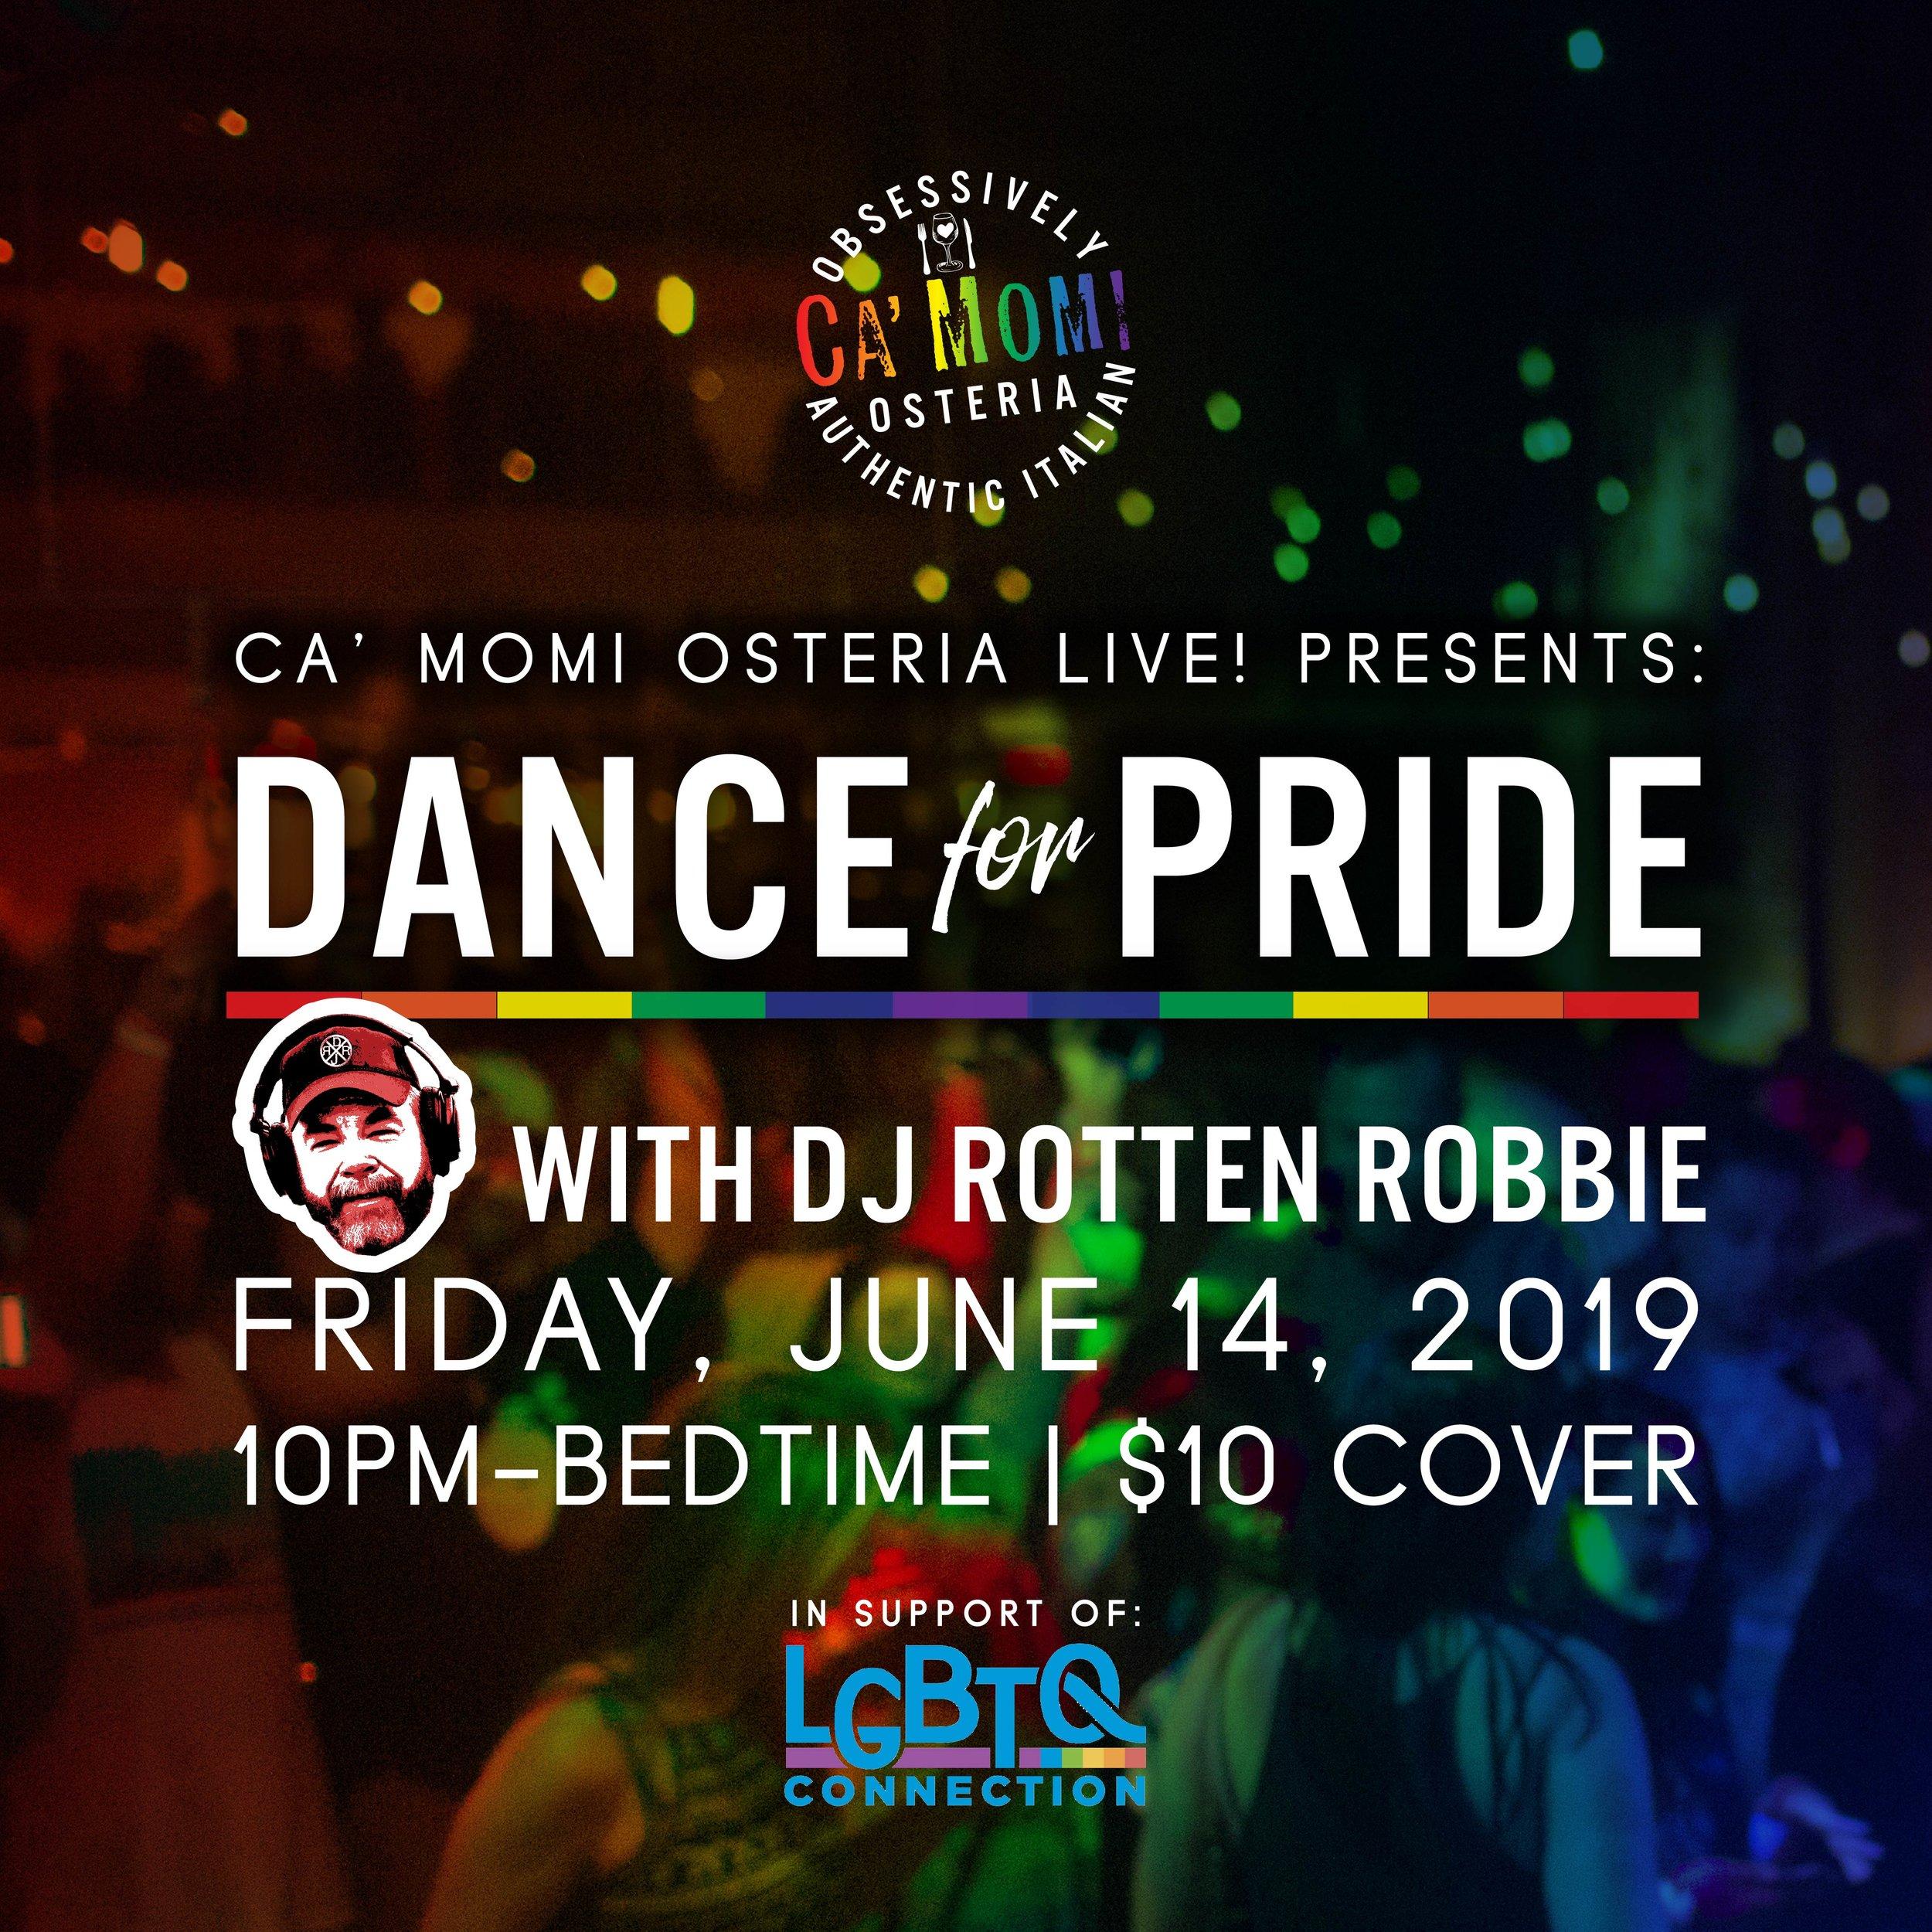 Ca'MomiOsteriaLive!_DanceforPride_SocialMedia-01.jpg